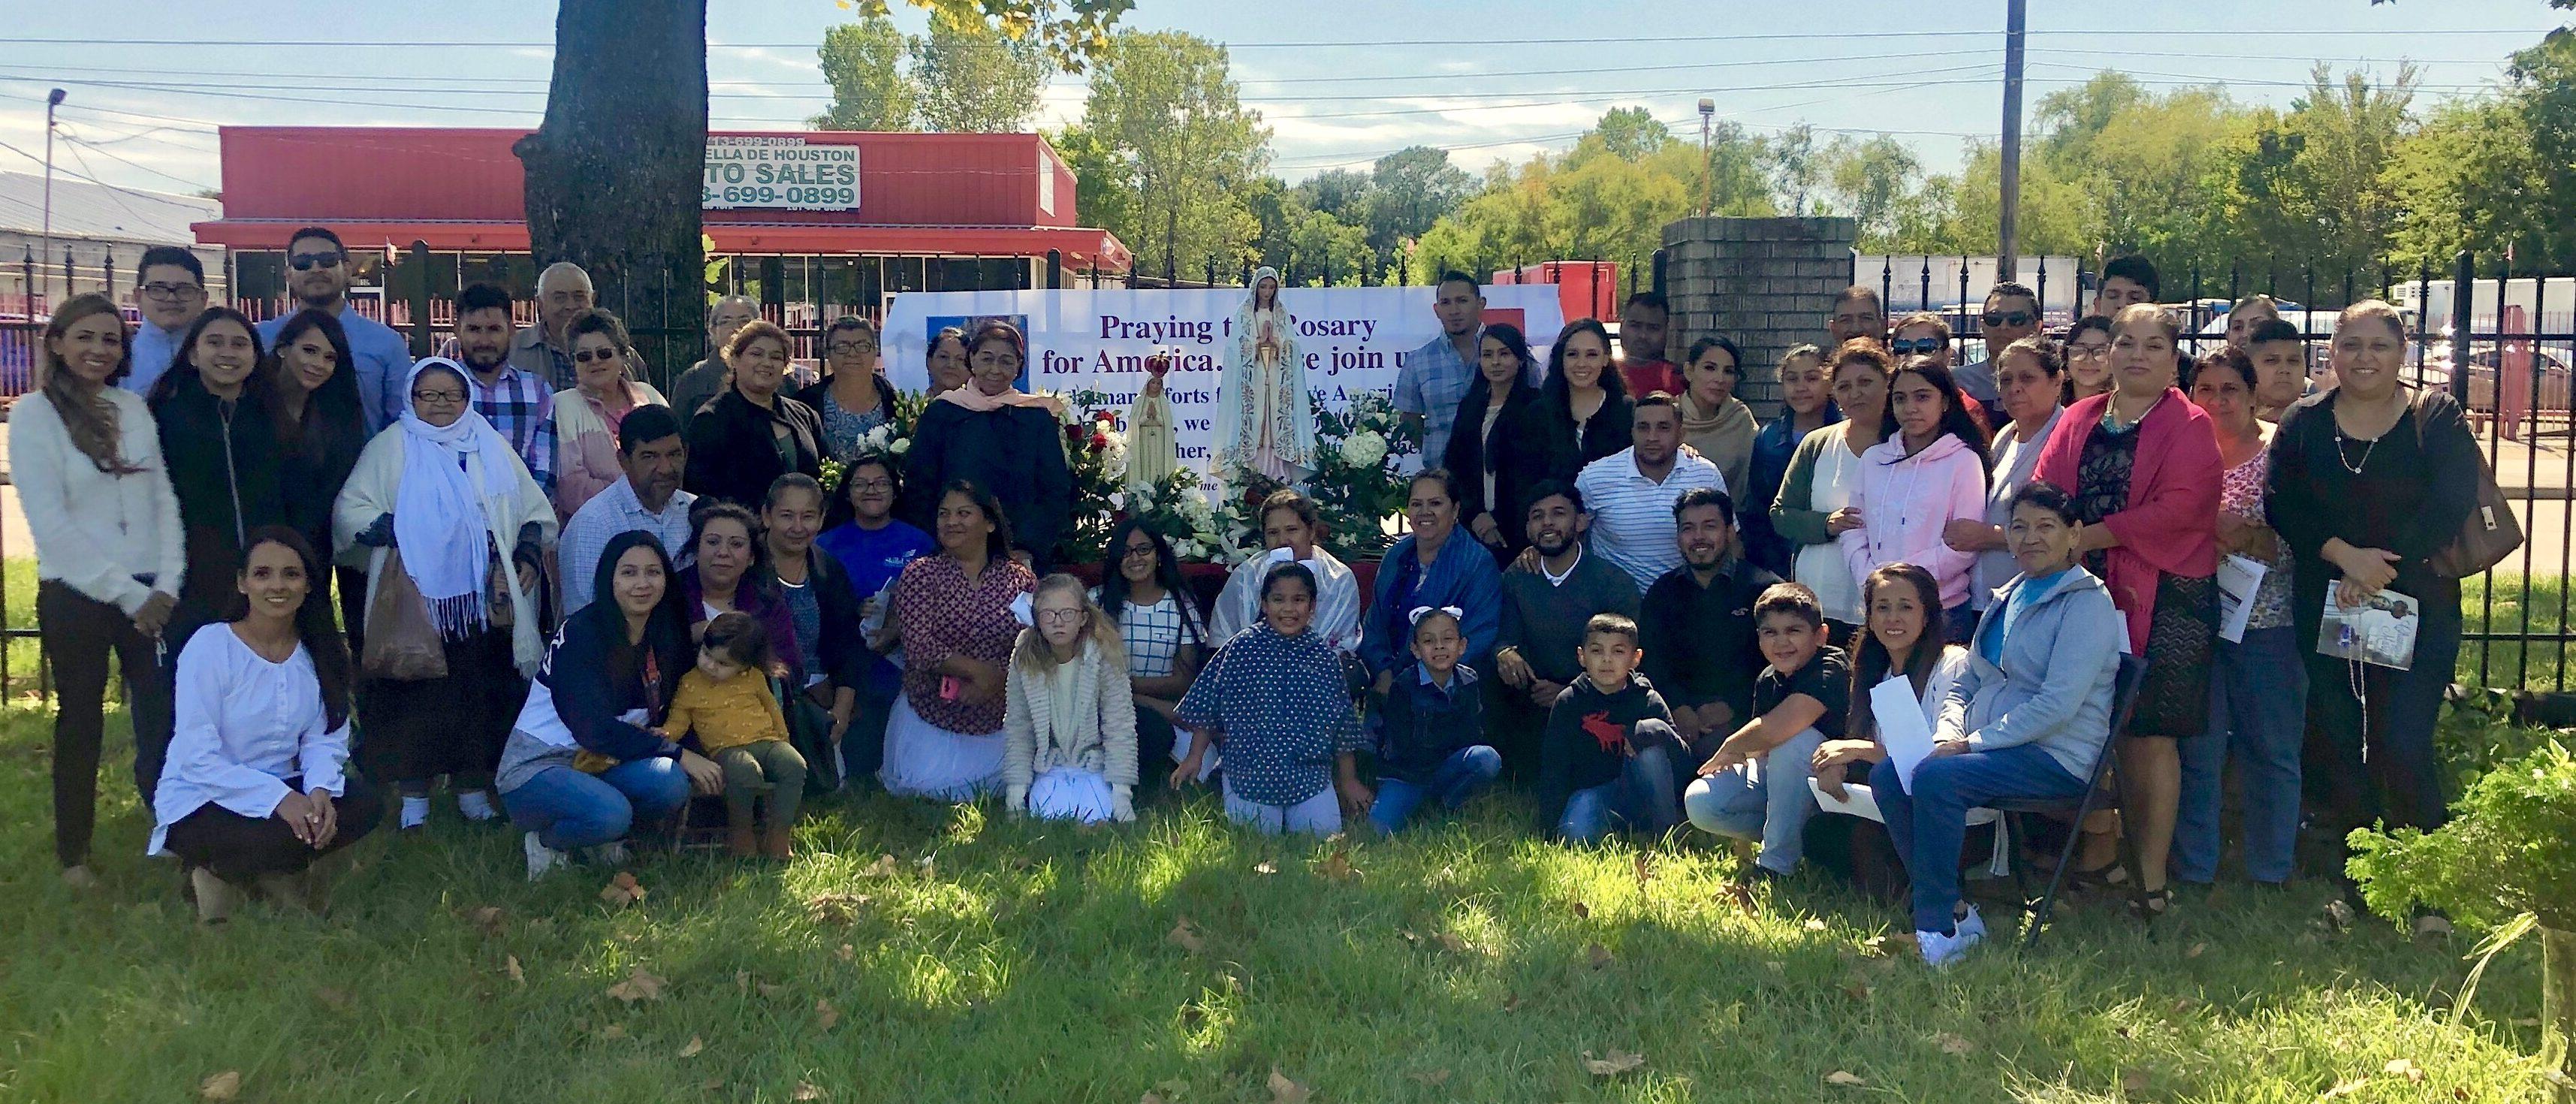 Nearly-20000-rosary-rallies-blanket-america-world-saturday-6